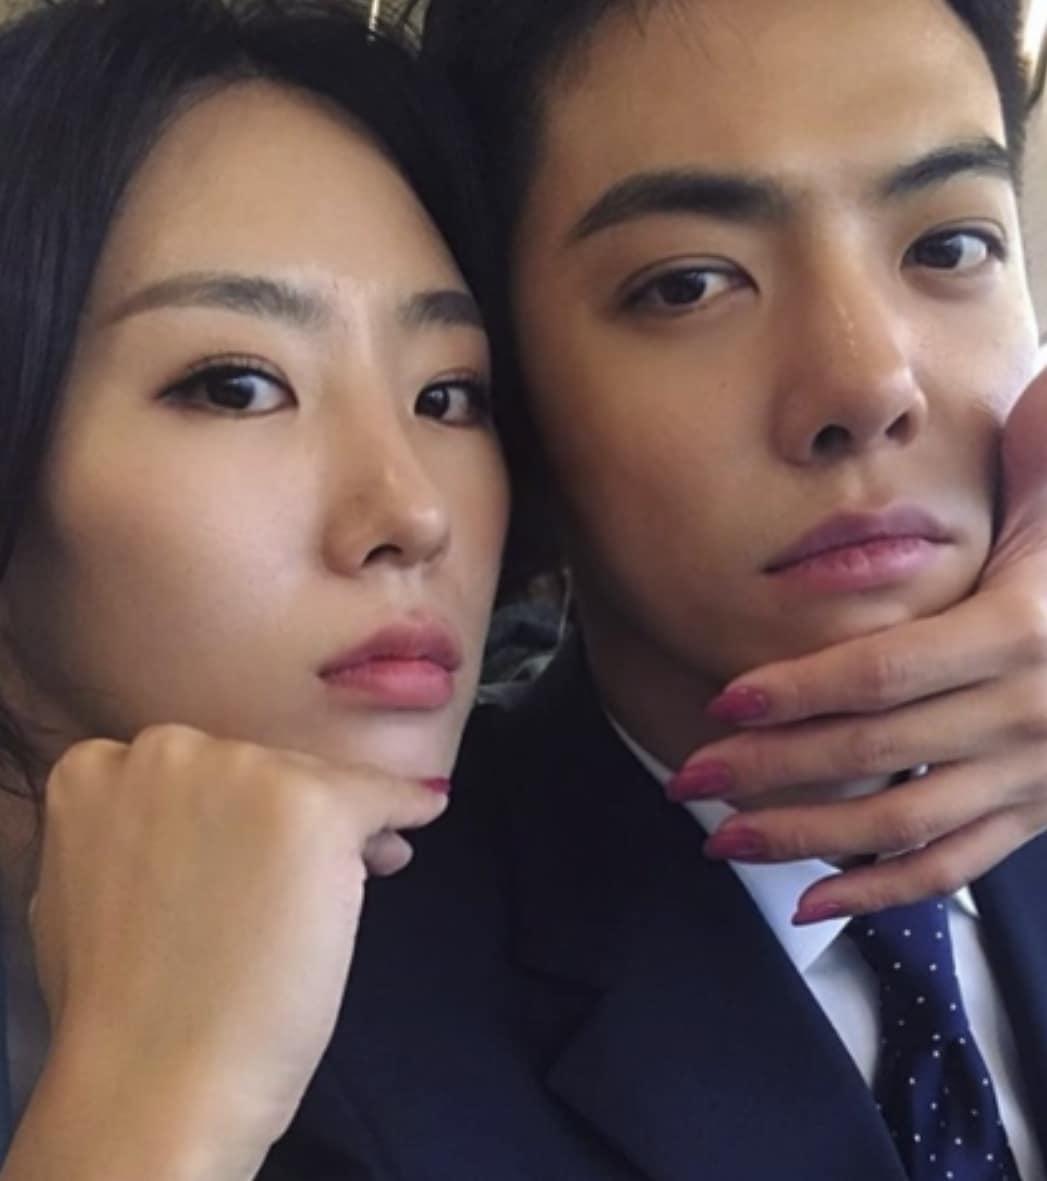 lee sang hwa kangnam marriage 2